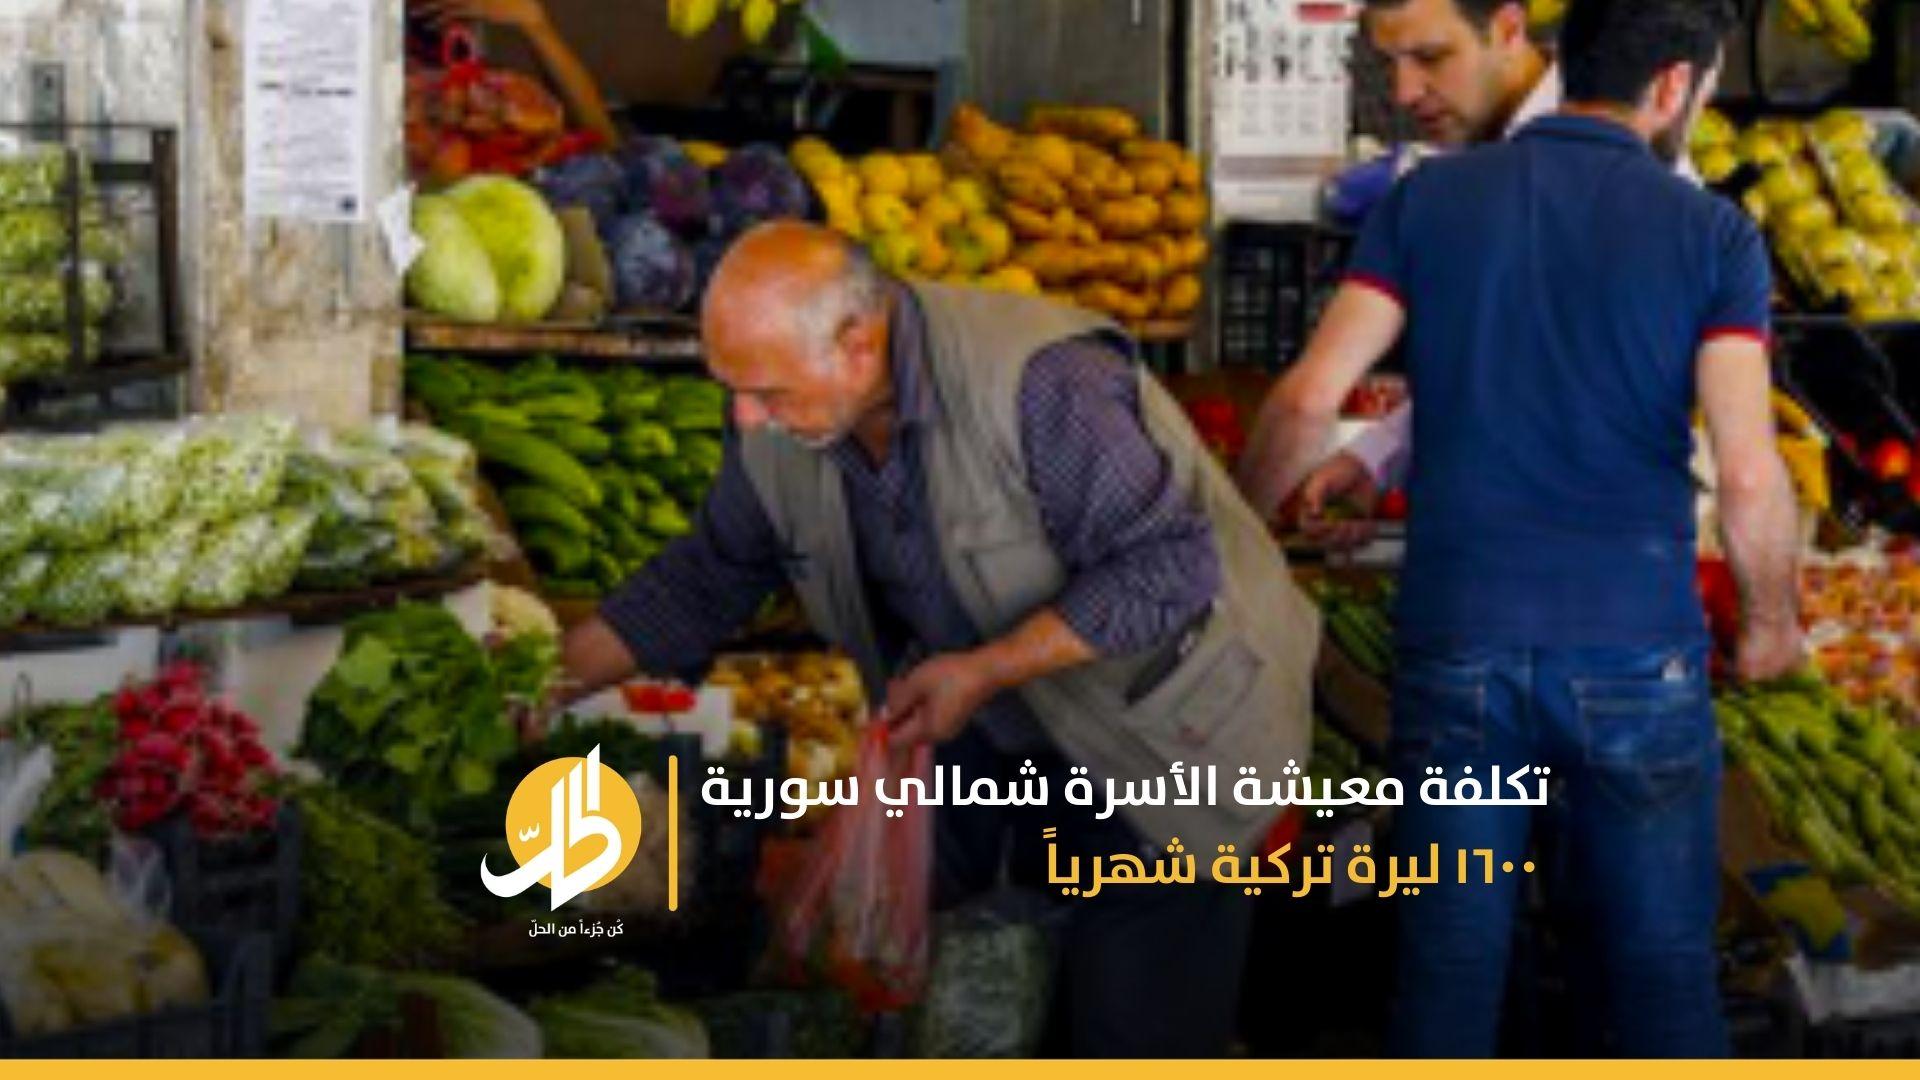 تكلفة معيشة الأسرة شمالي سوريا ١٦٠٠ ليرة تركية شهرياً